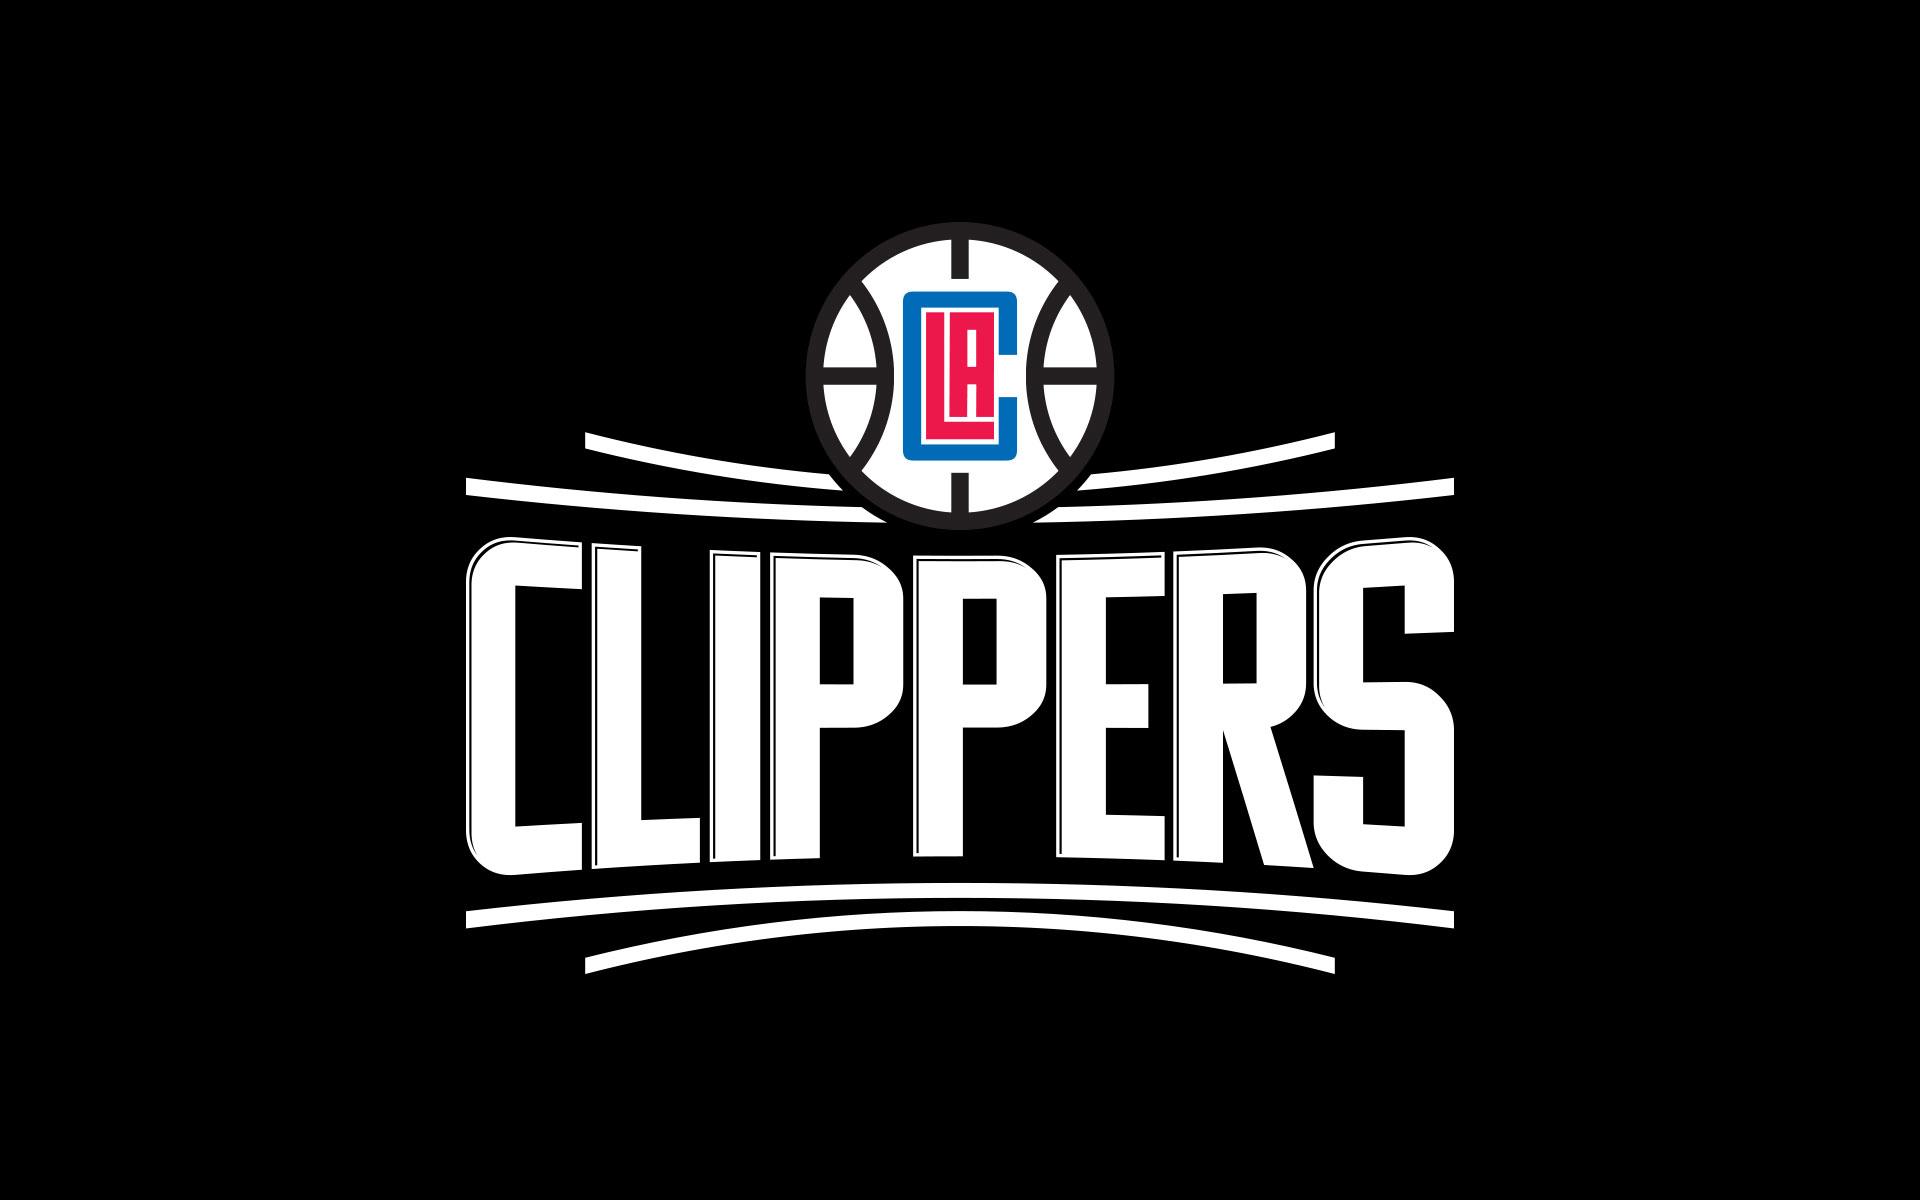 Il logo dei Clippers